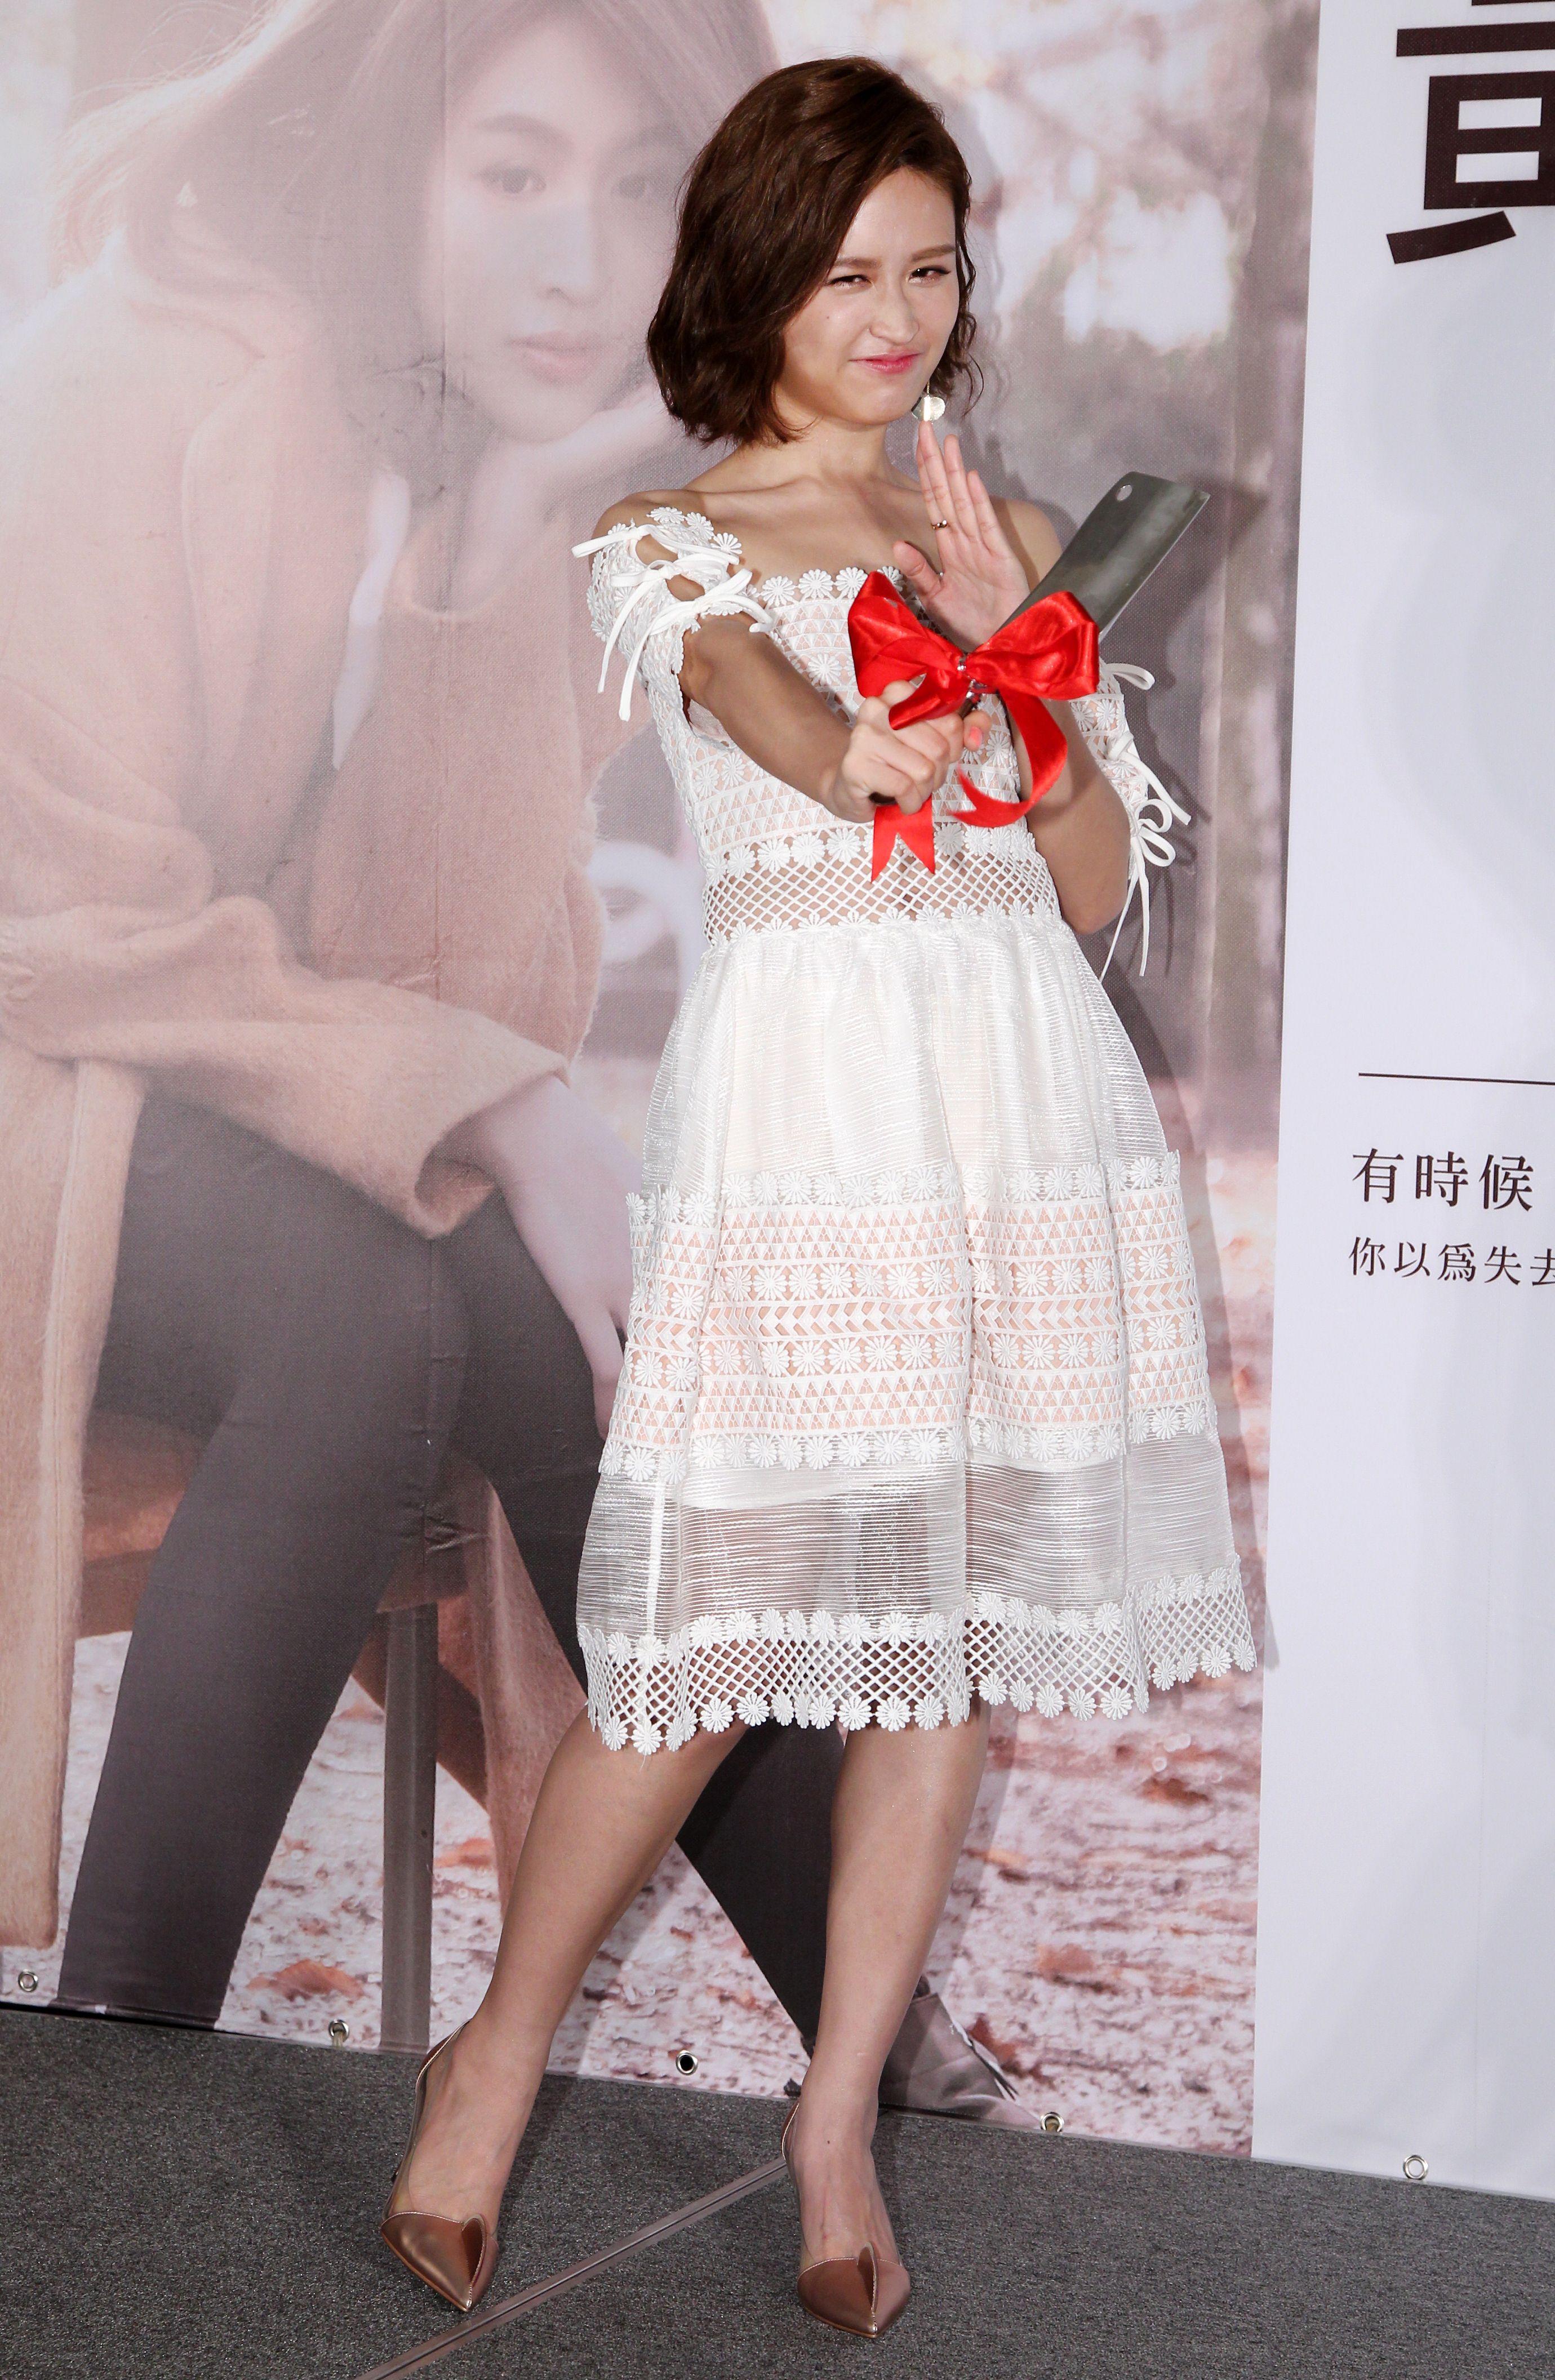 黃若熙迷你音樂專輯「獲得」發行,創作歌手黃明志送上一把菜刀,祝福她在歌壇上殺出一條光明路。(記者邱榮吉/攝影)